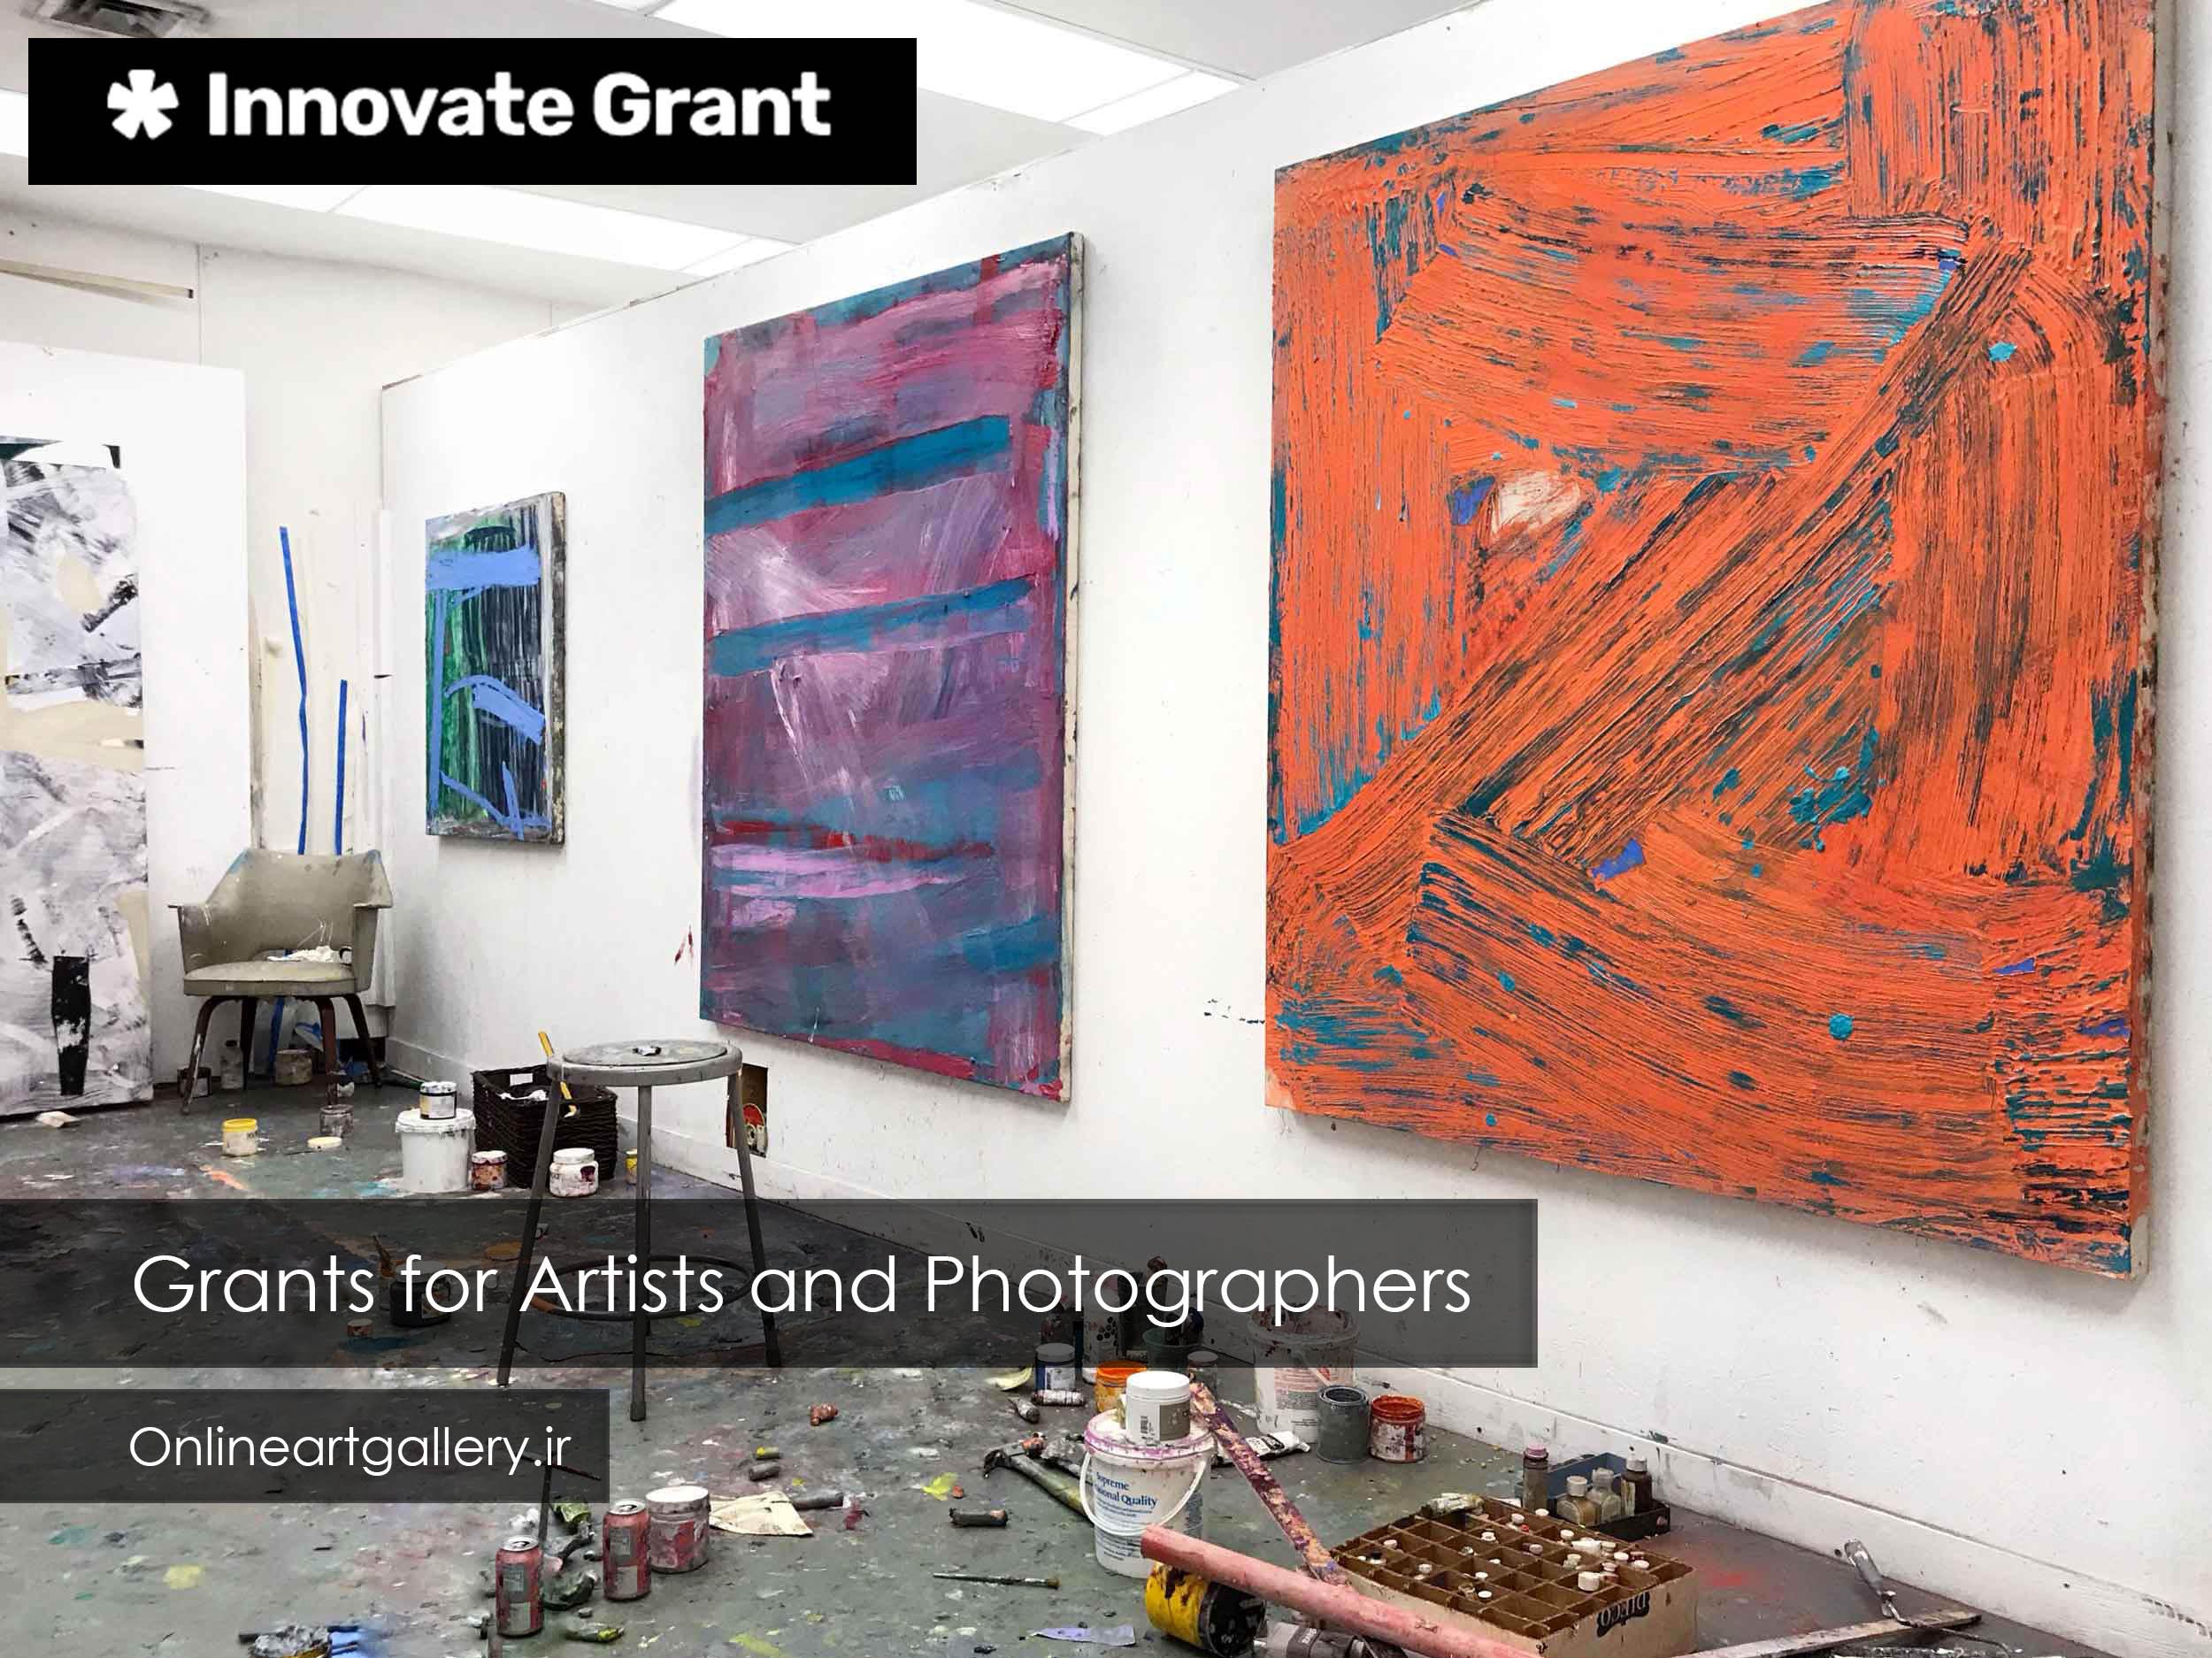 فراخوان رقابت هنرهای تجسمی Grant Innovate